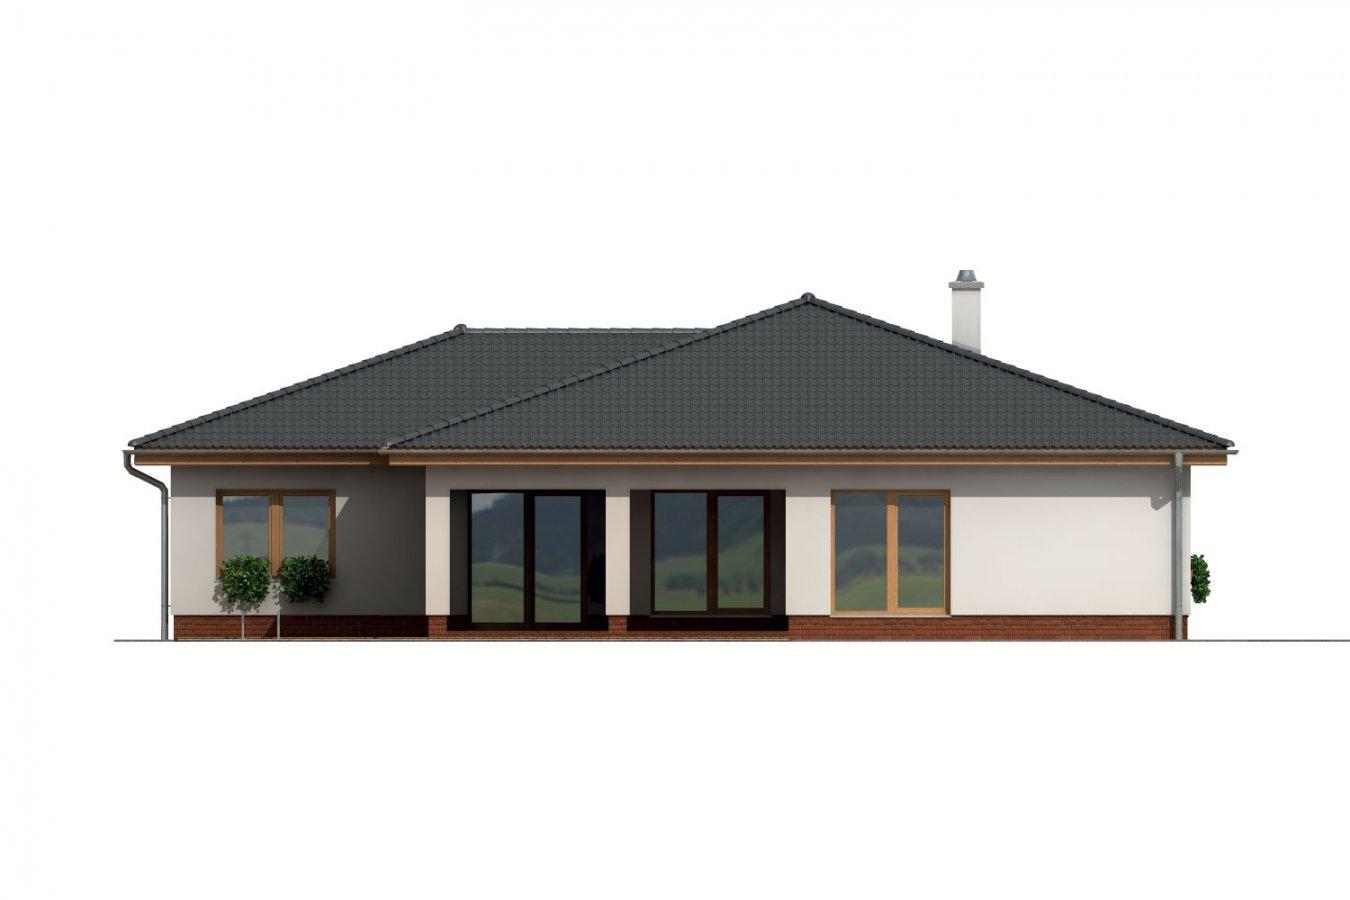 Pohľad 1. - Veľkopriestorový rodinný dom do L s dvojgarážou a krytou terasou.